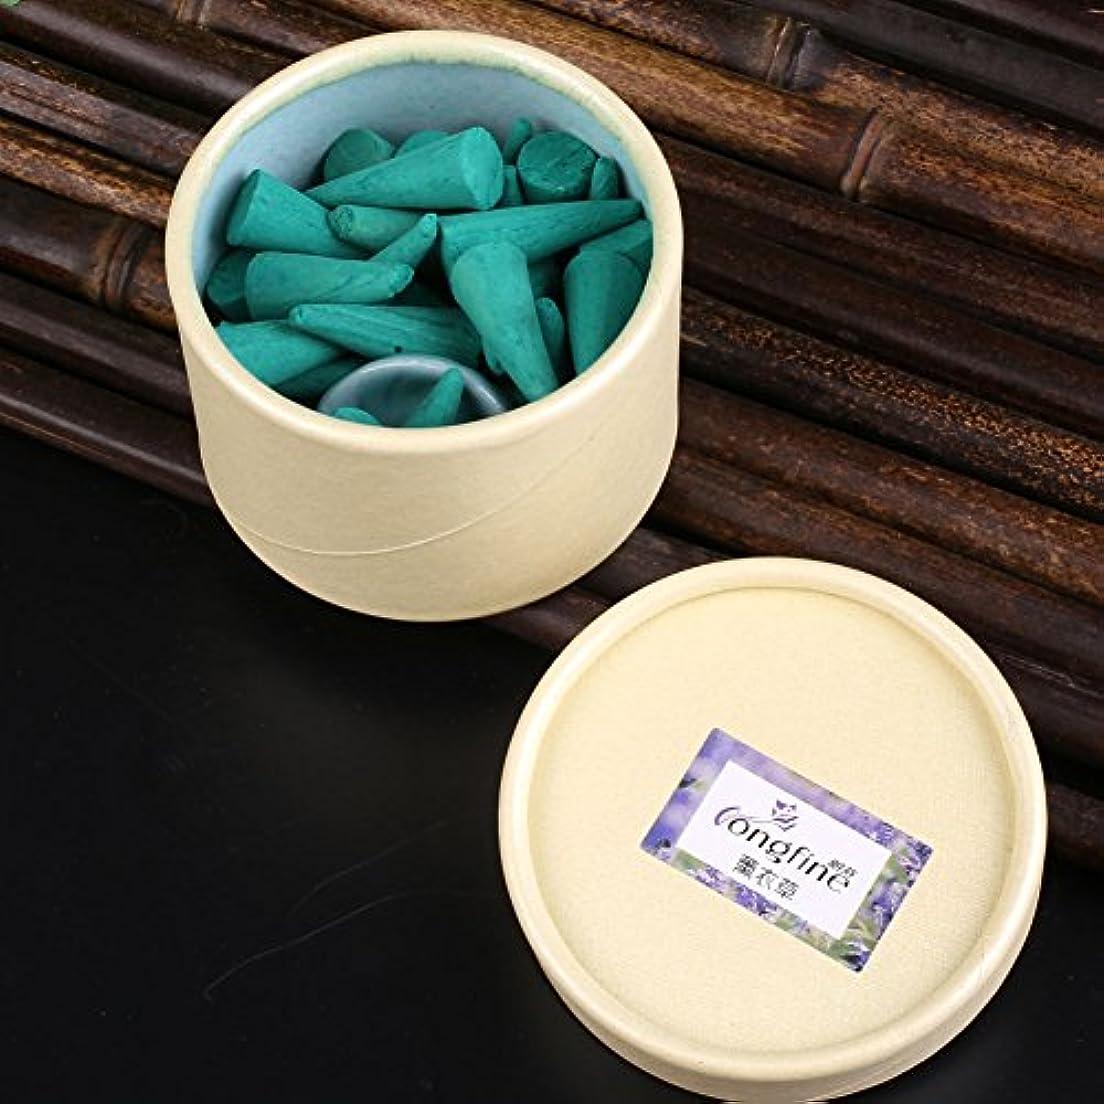 ナンセンス台風誘惑ホームFragrancing Plant Essentailオイル香りつきスティックラベンダーアロマIncluding Smallプレートアロマセラピー パープル MQ-132274_5